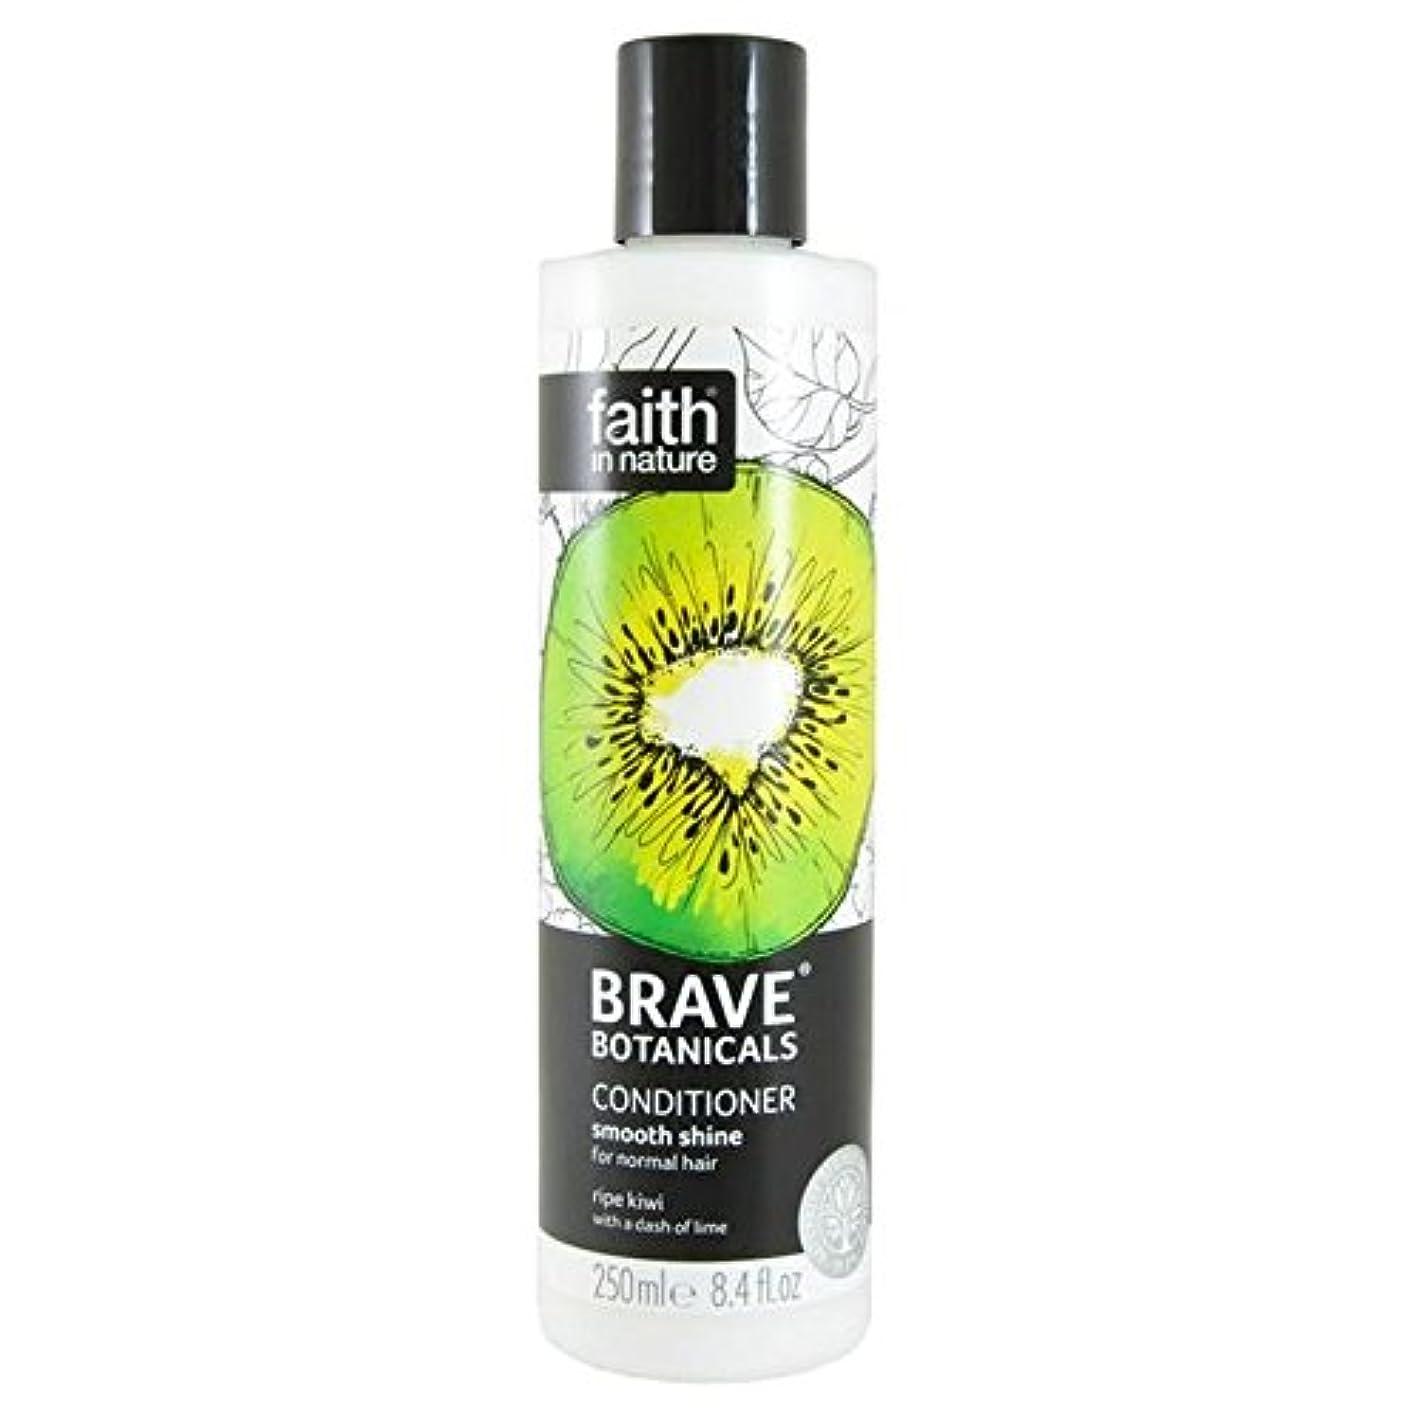 いつでも分散Brave Botanicals Kiwi & Lime Smooth Shine Conditioner 250ml - (Faith In Nature) 勇敢な植物キウイ&ライムなめらかな輝きコンディショナー250Ml...